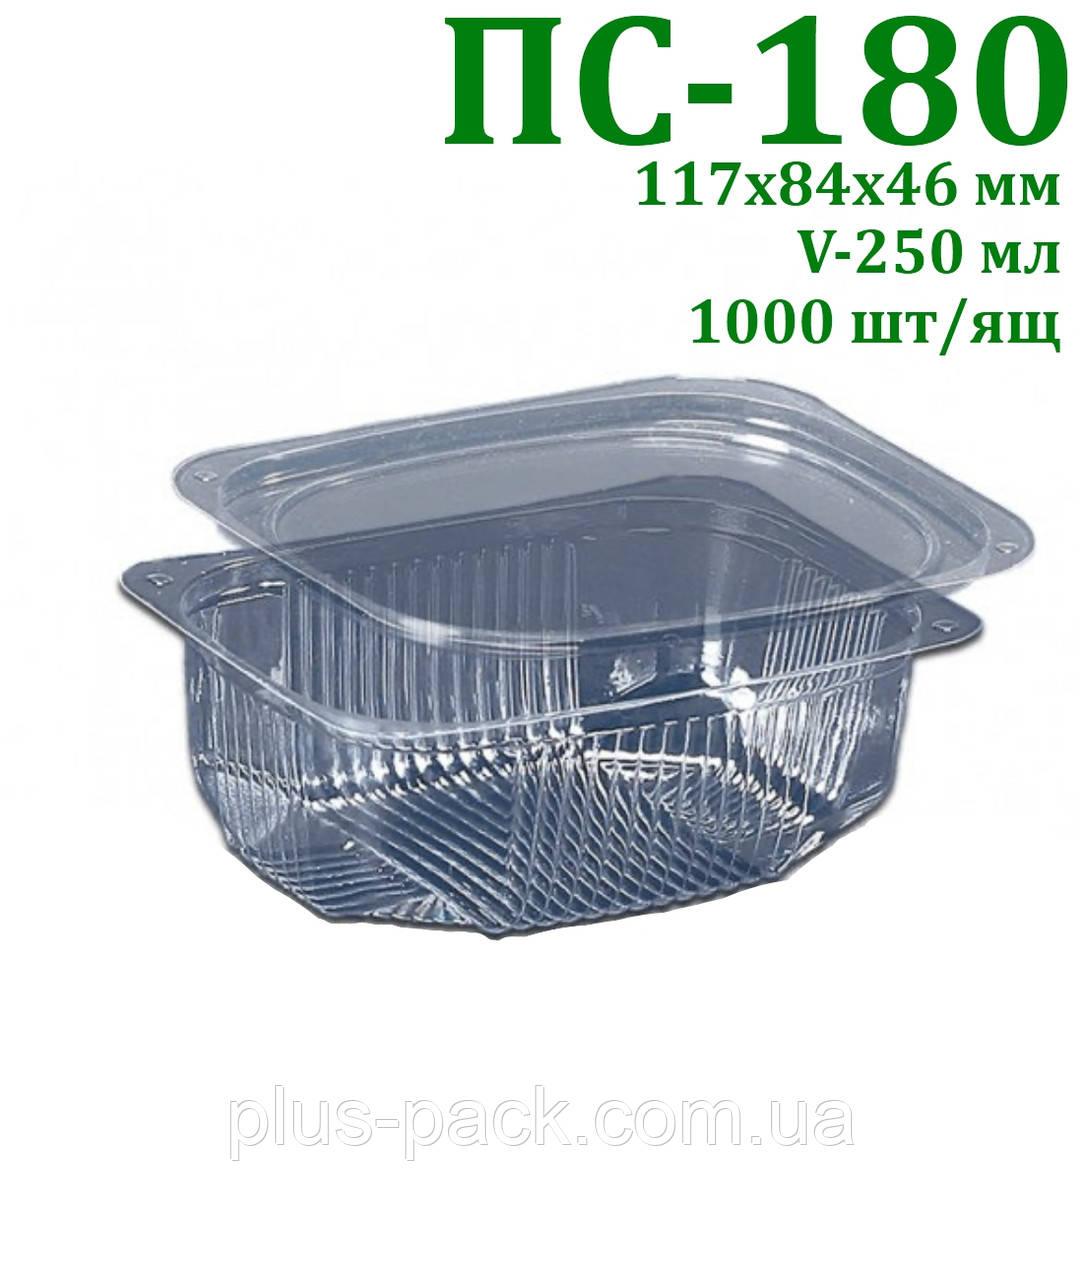 Упаковка пластиковая для салатов Одноразовая (250 мл)